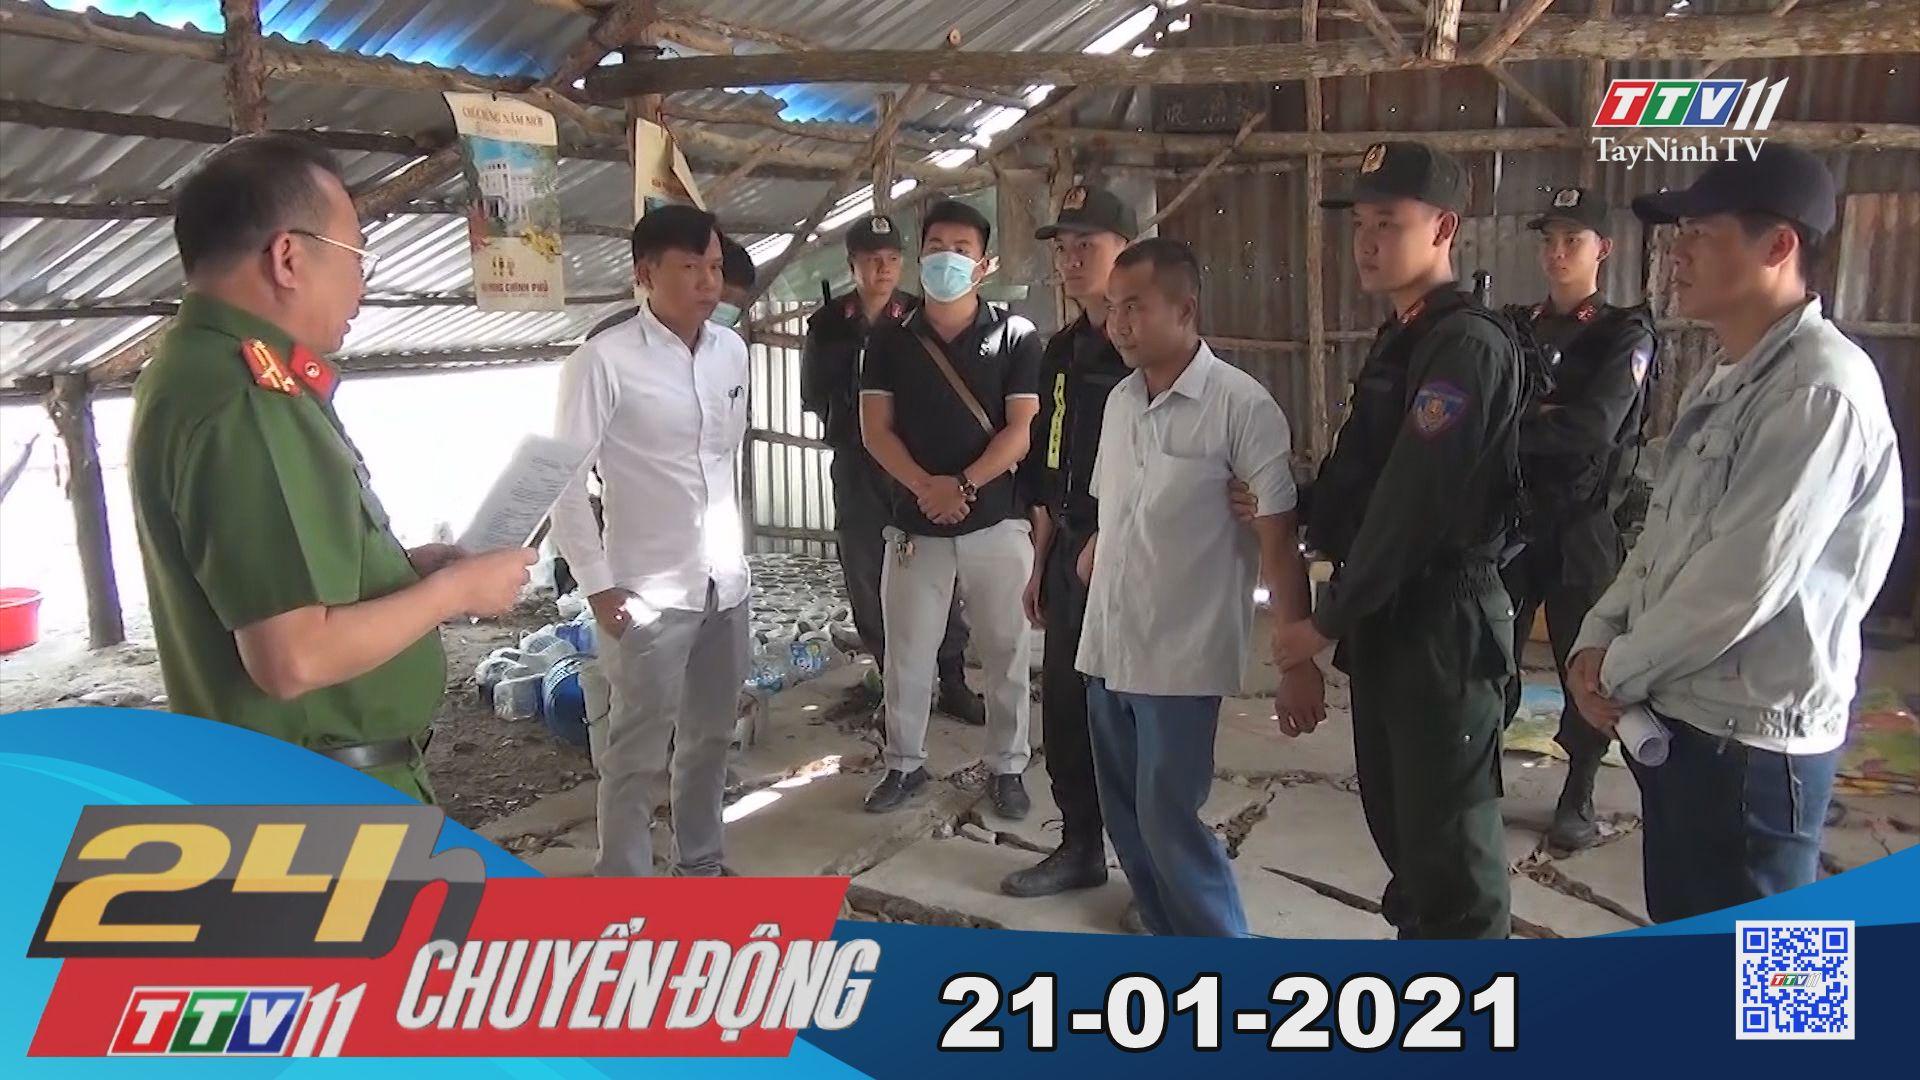 24h Chuyển động 21-01-2021 | Tin tức hôm nay | TayNinhTV